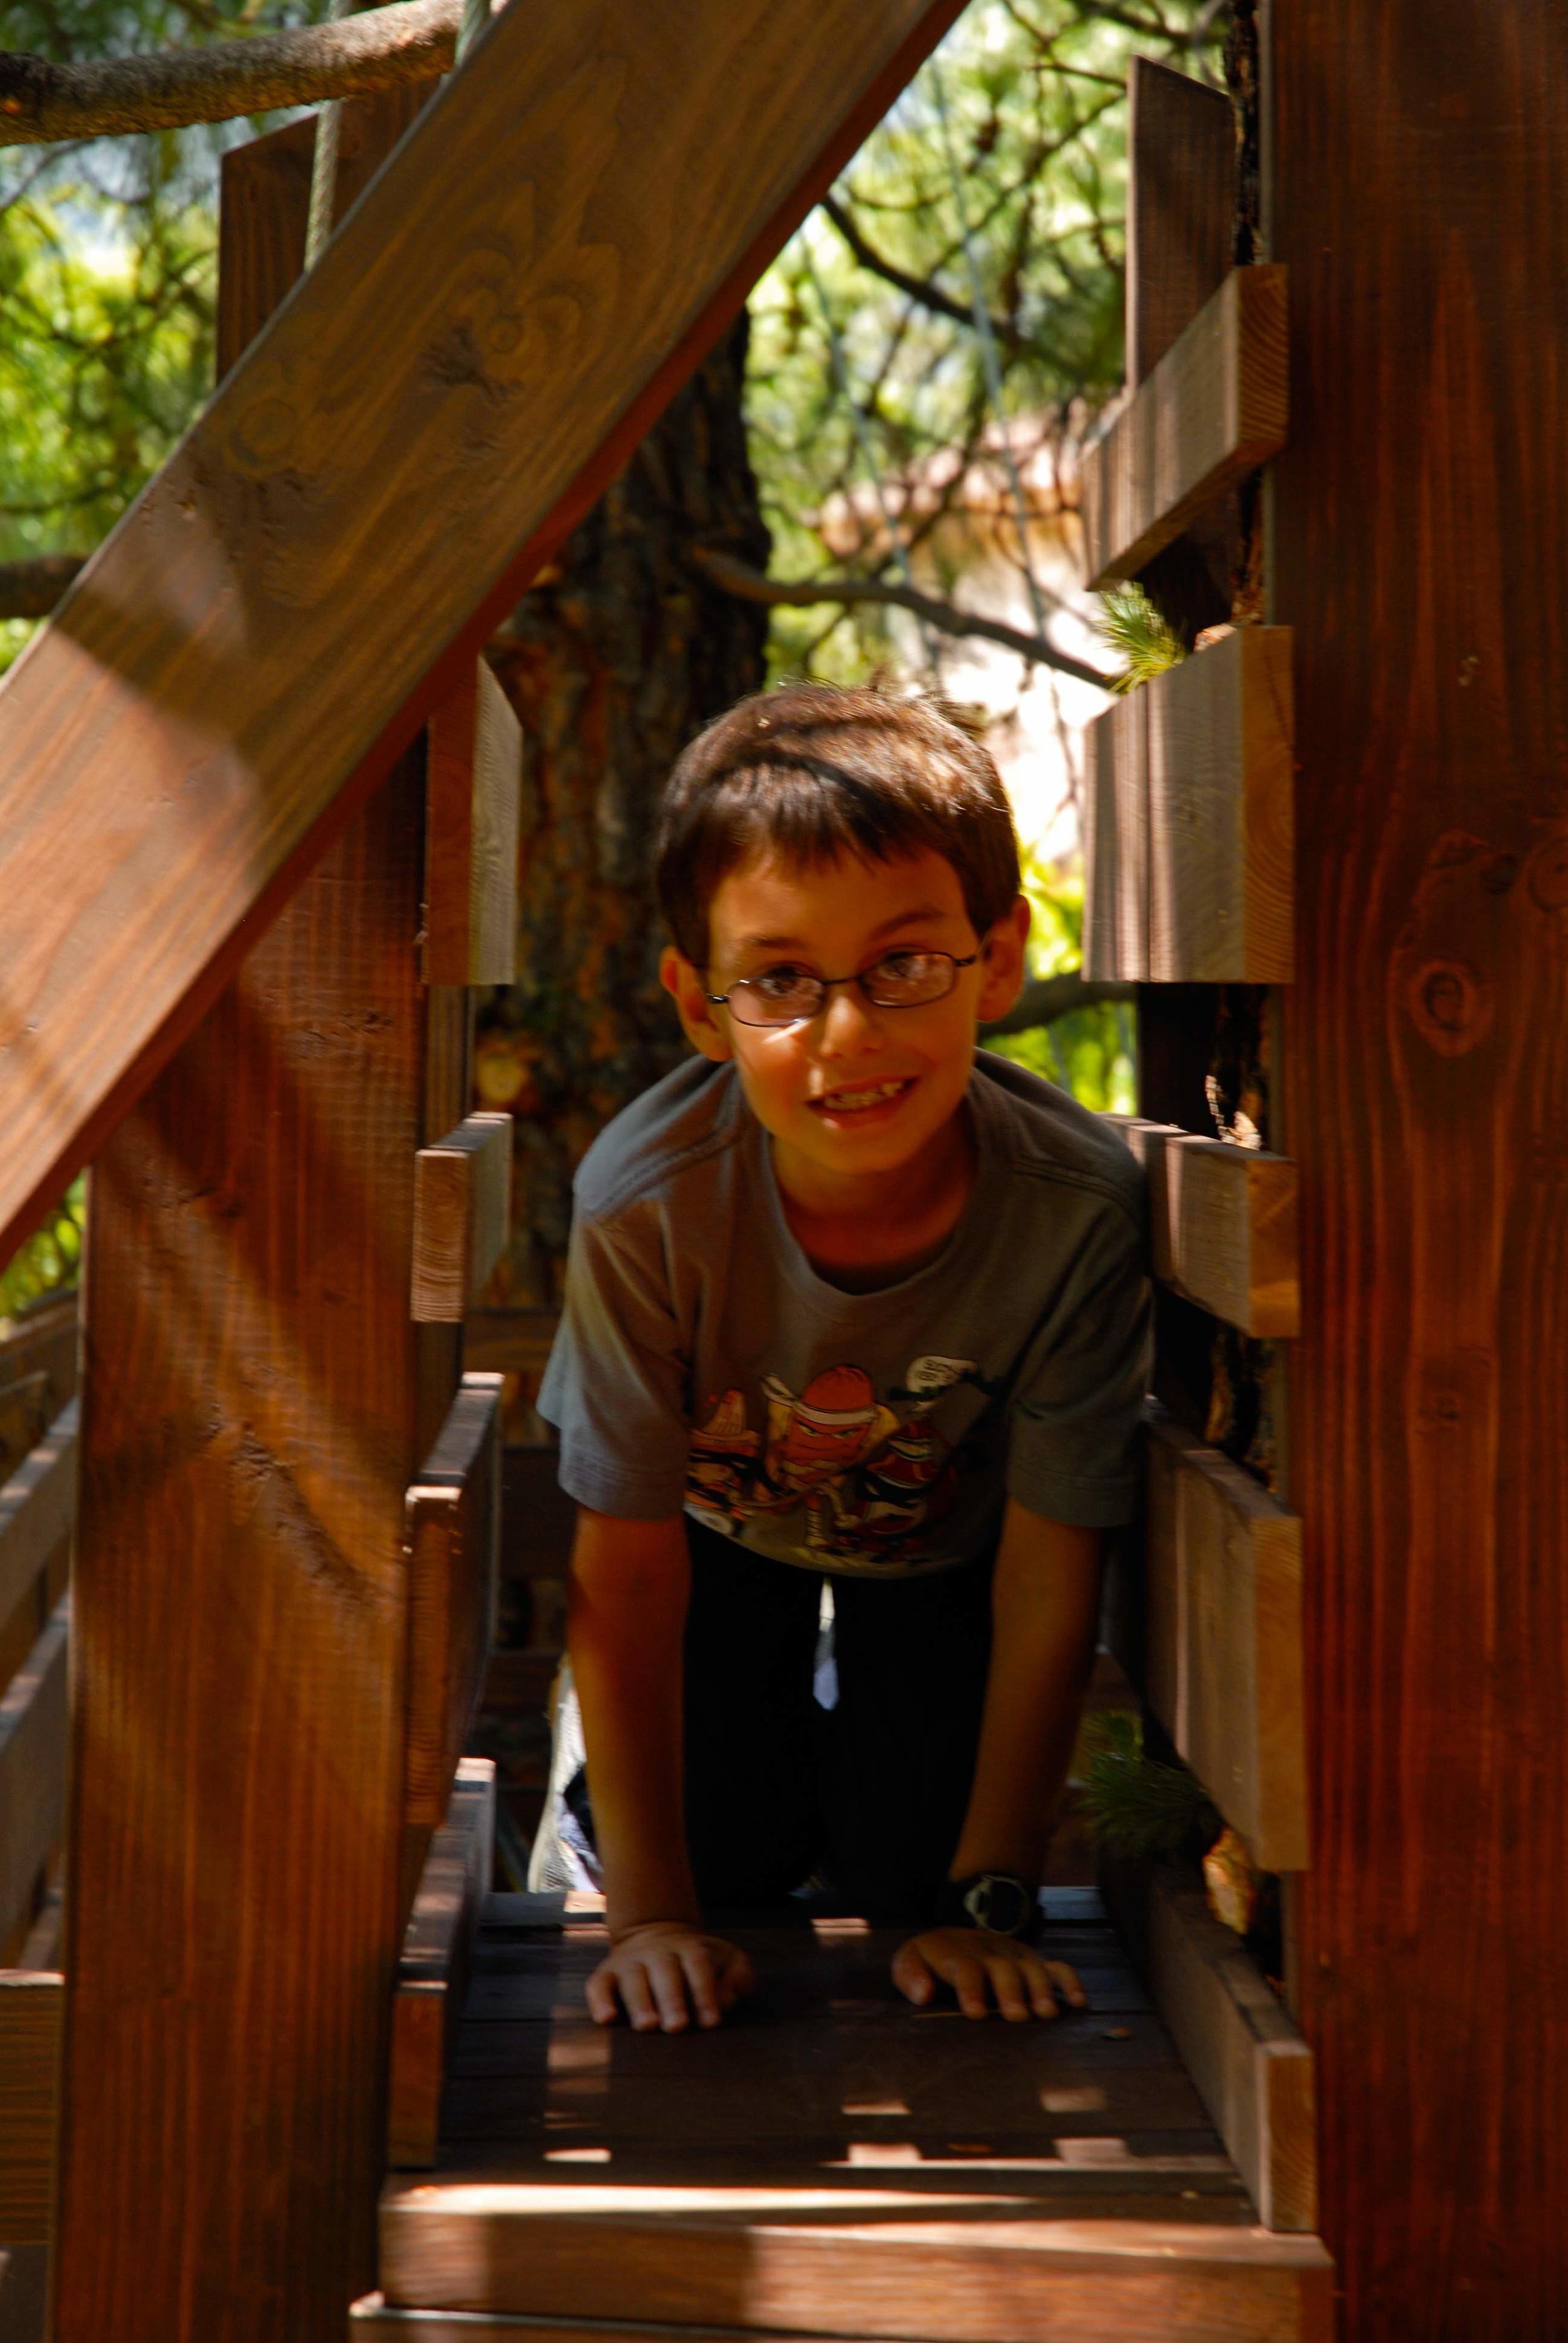 Gennaker-Walkway-Kid.jpg